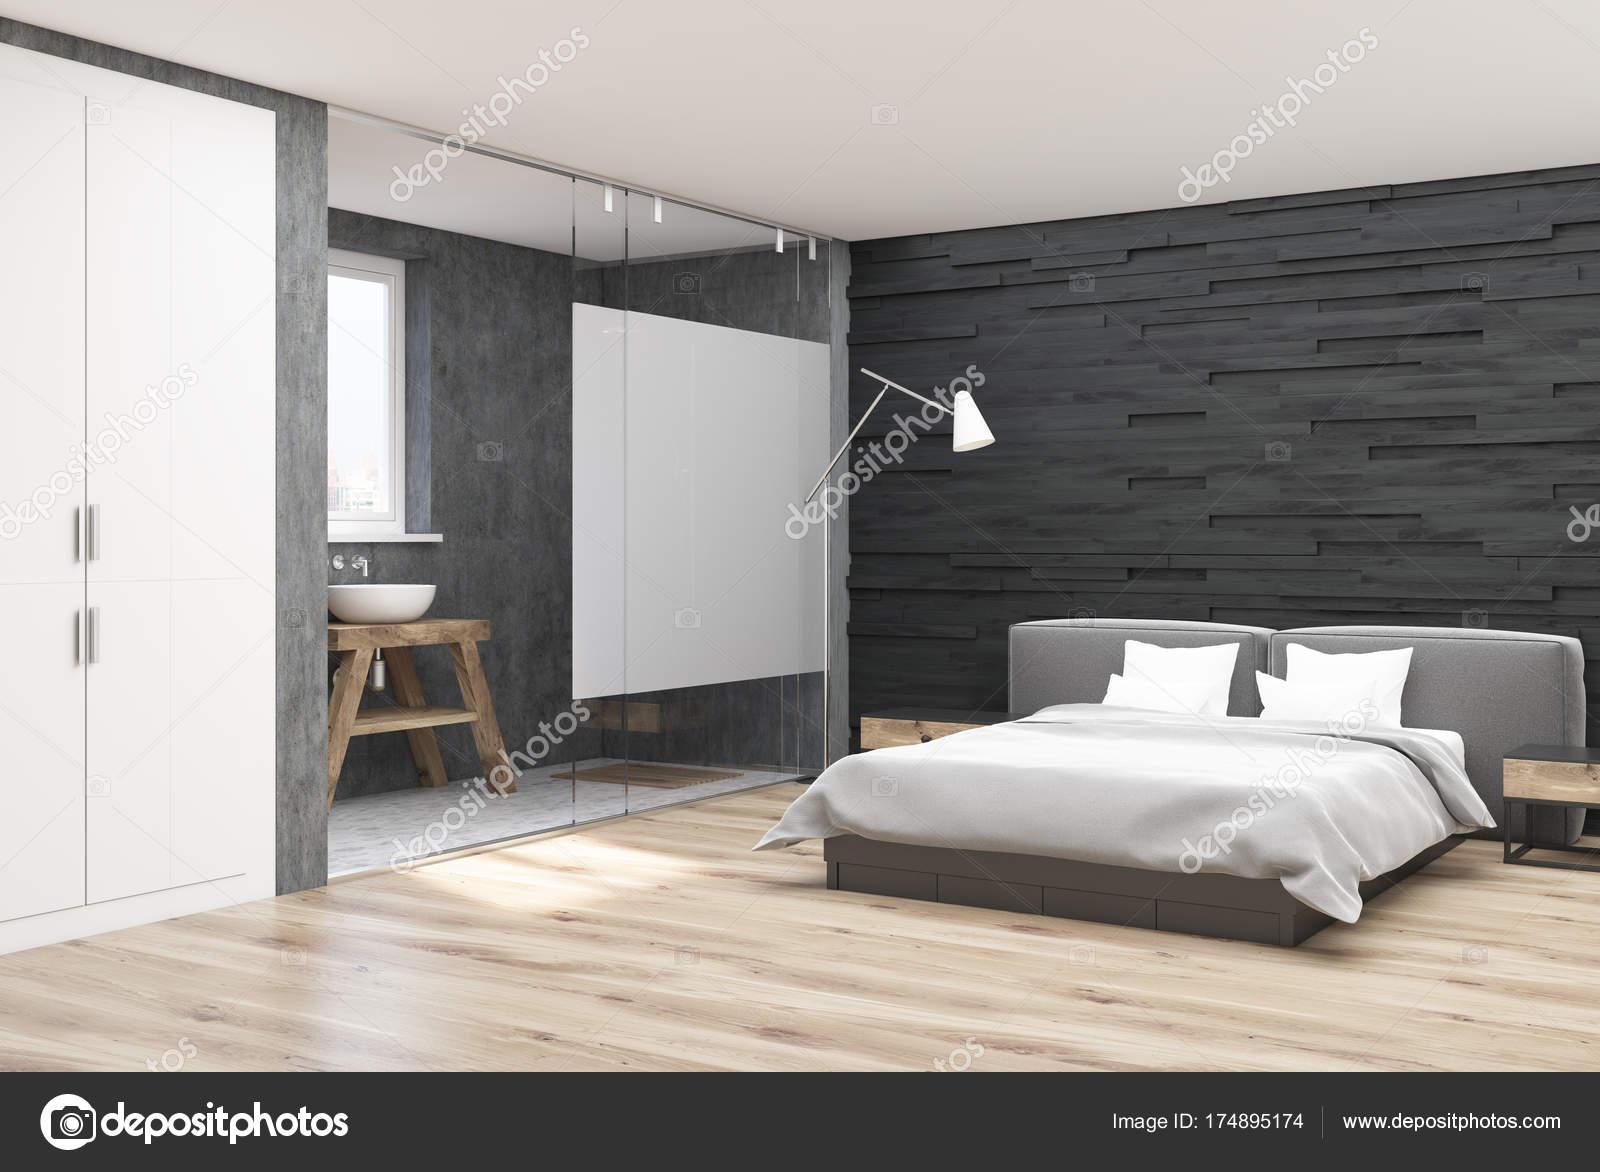 Camera da letto e bagno di servizio in legno grigio u foto stock